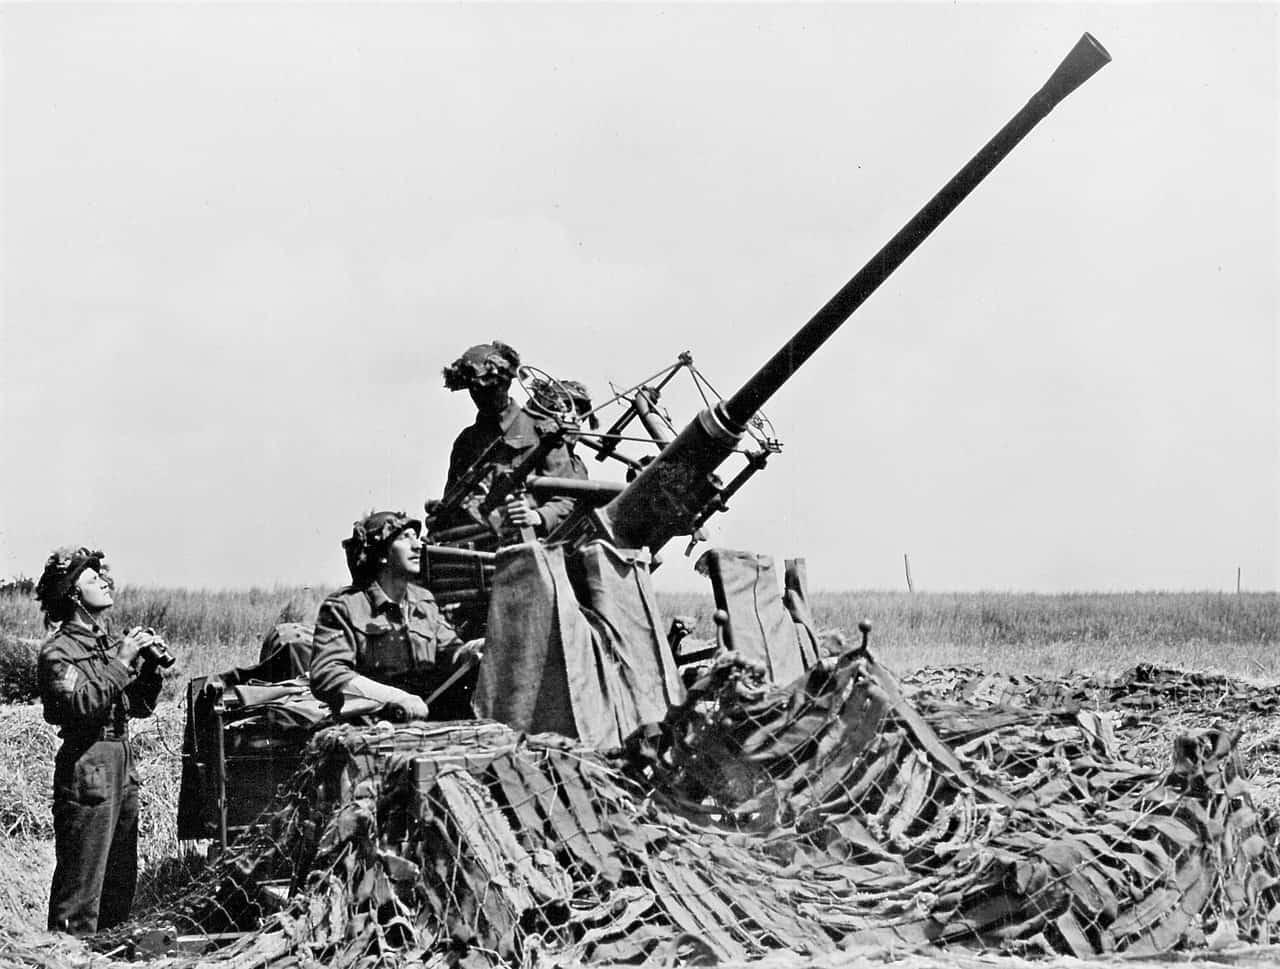 1944-40mm-Bofors-Detachment-France